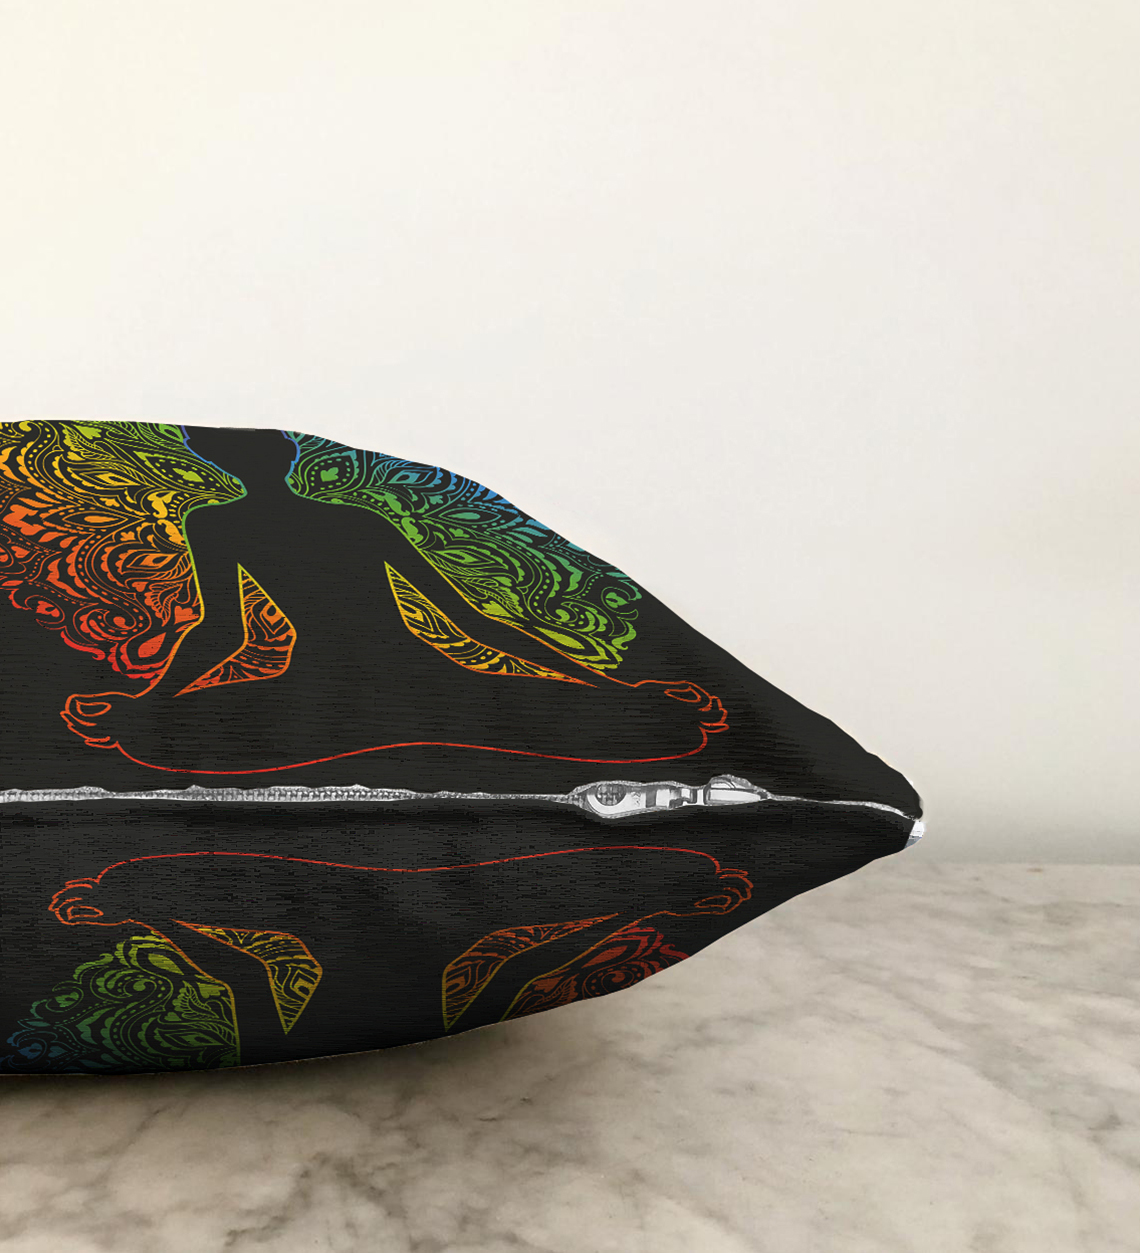 Çift Taraflı Siyah Zeminde Gökkuşağı Motifli Uzak Doğu Yoga Desenli Şönil Kırlent Kılıfı - 55 x 55 cm Realhomes